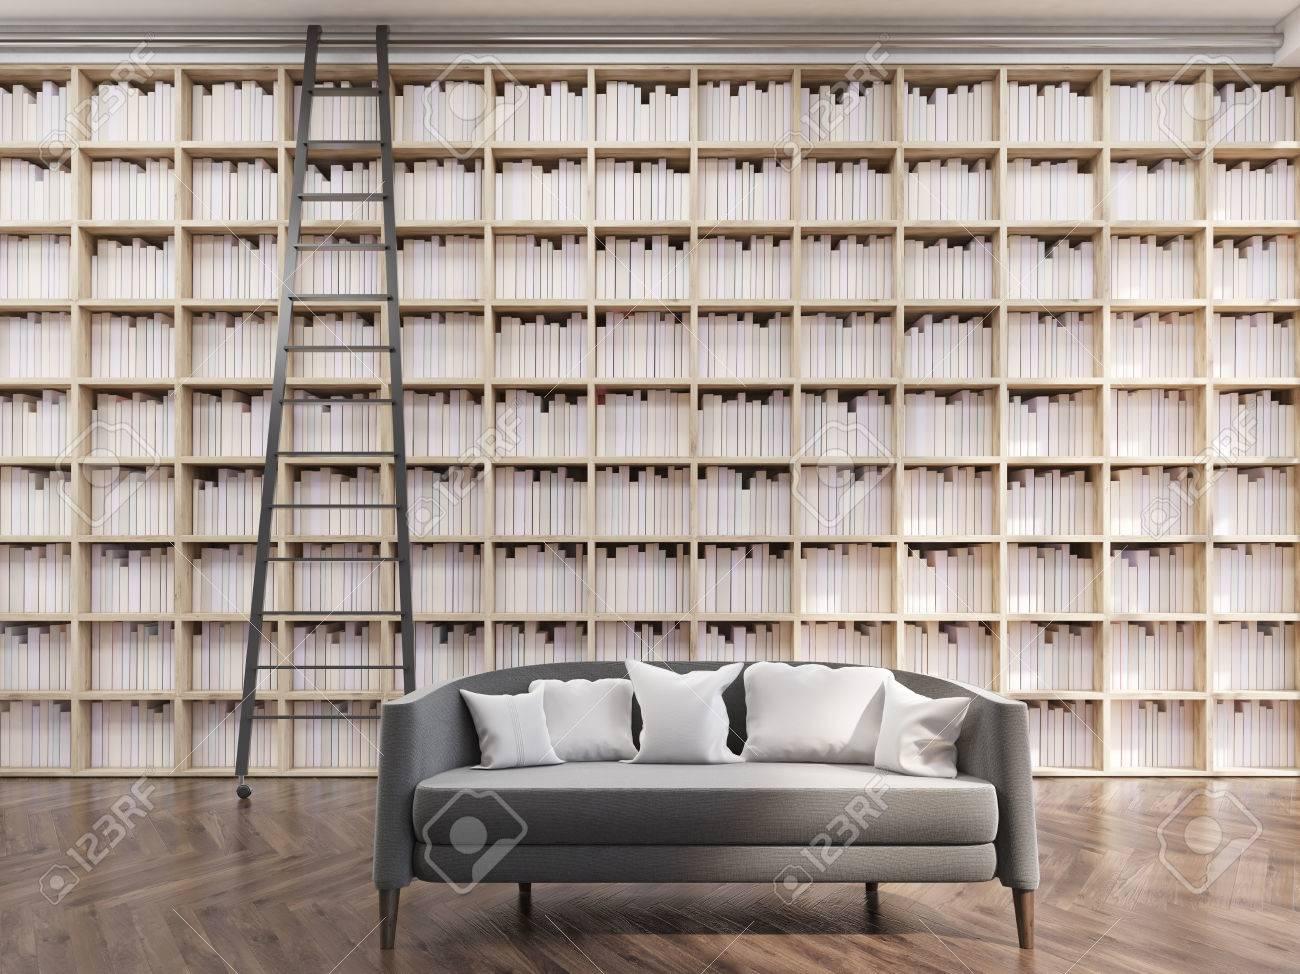 Gemütliches Haus Bibliothek In Der Modernen Wohnung. Hohe Bücherregale,  Leiter Und Grau Sofa